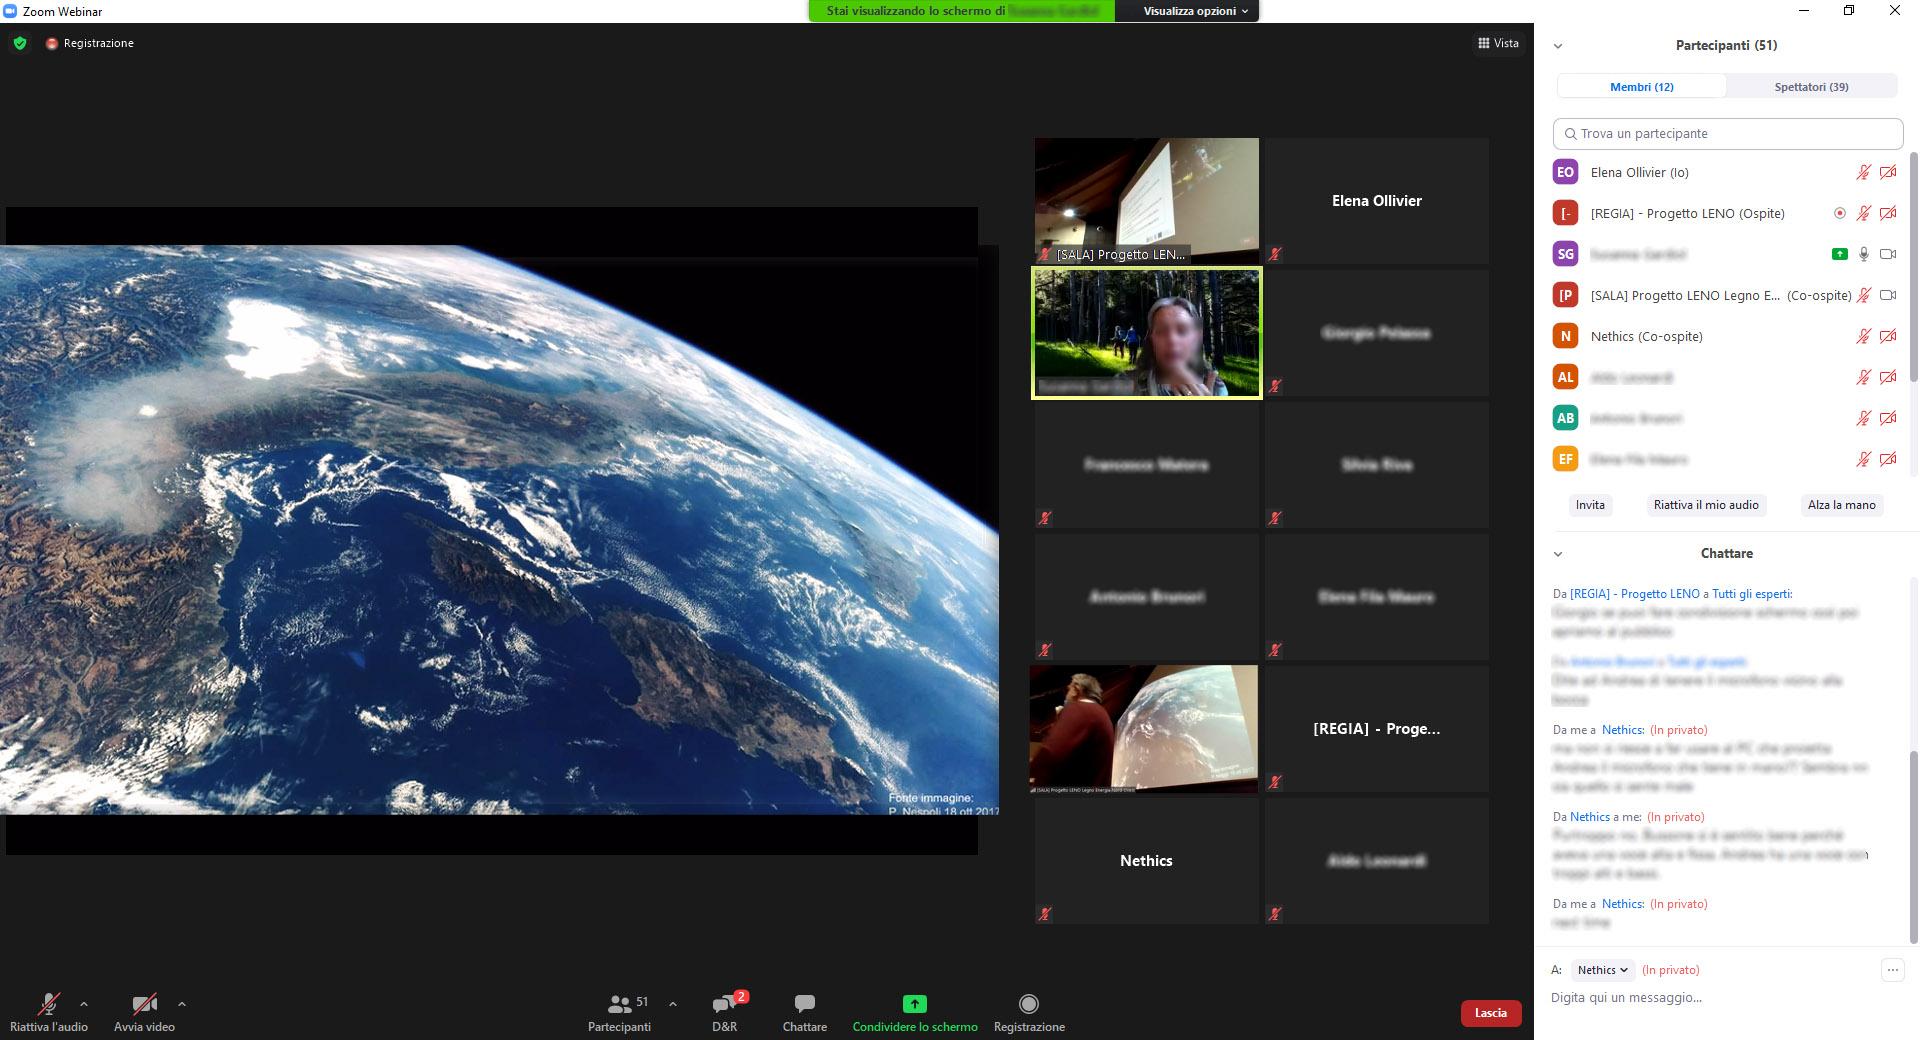 conferenziere parla online con proiezione al cinema del Teatro e condivisione diapositive agli uditori su webinar